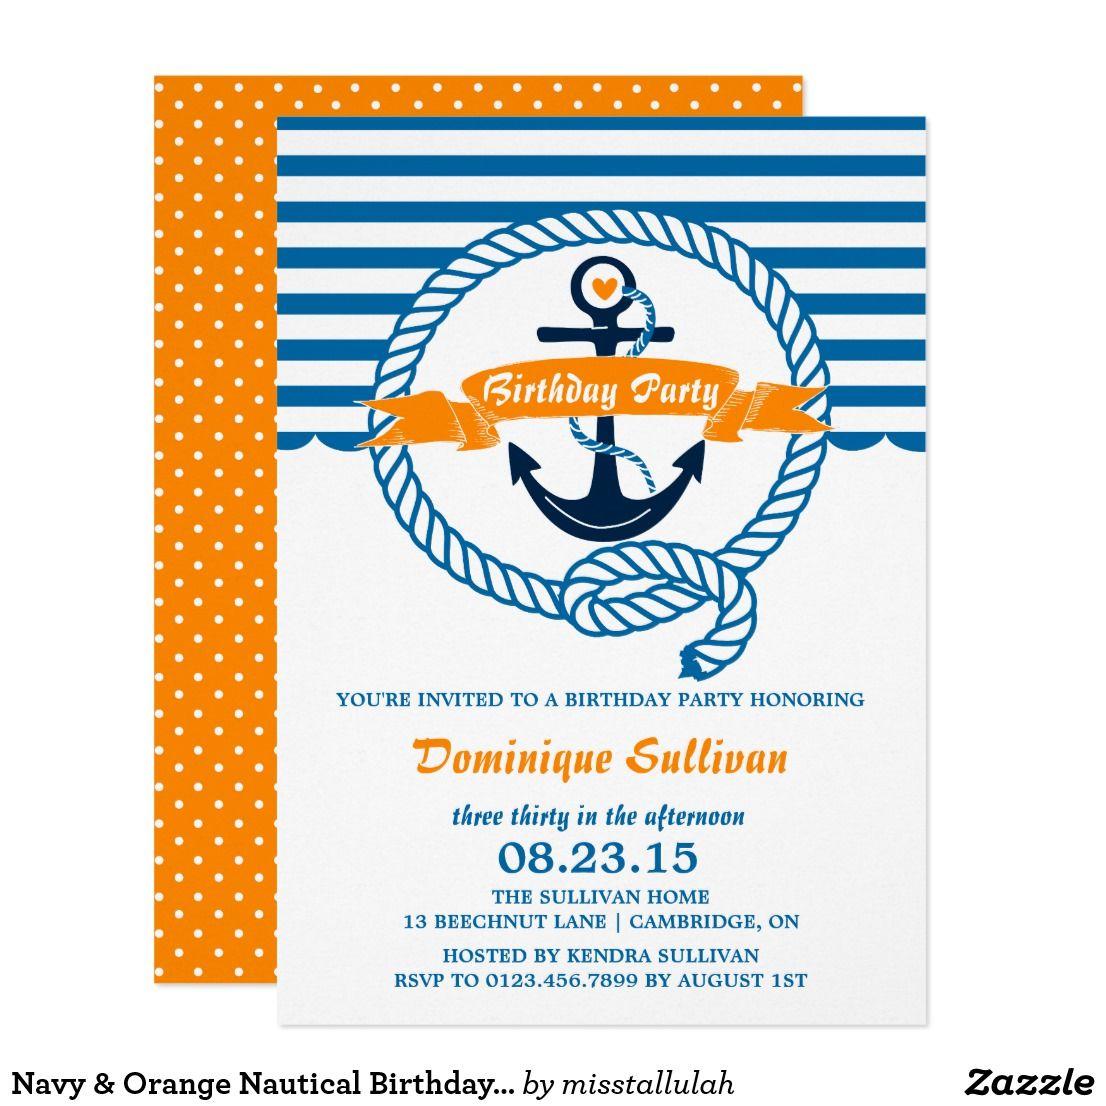 Navy & Orange Nautical Birthday Party Invitation | { Happy Birthday ...